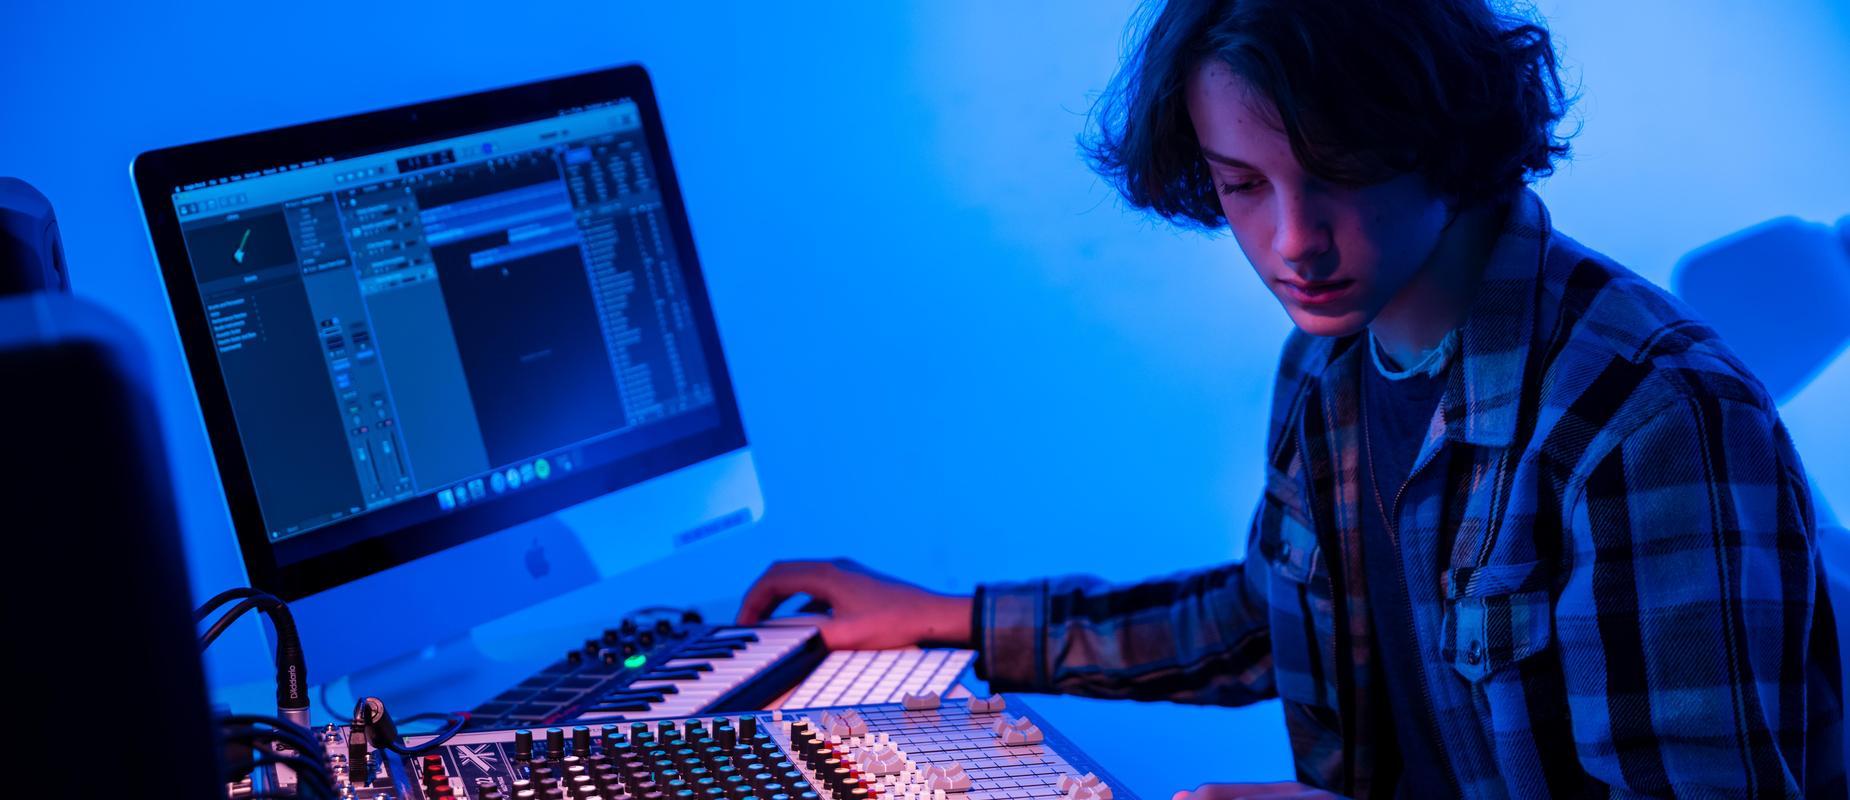 一名学生在JDB电子的数字制作工作室制作音乐.